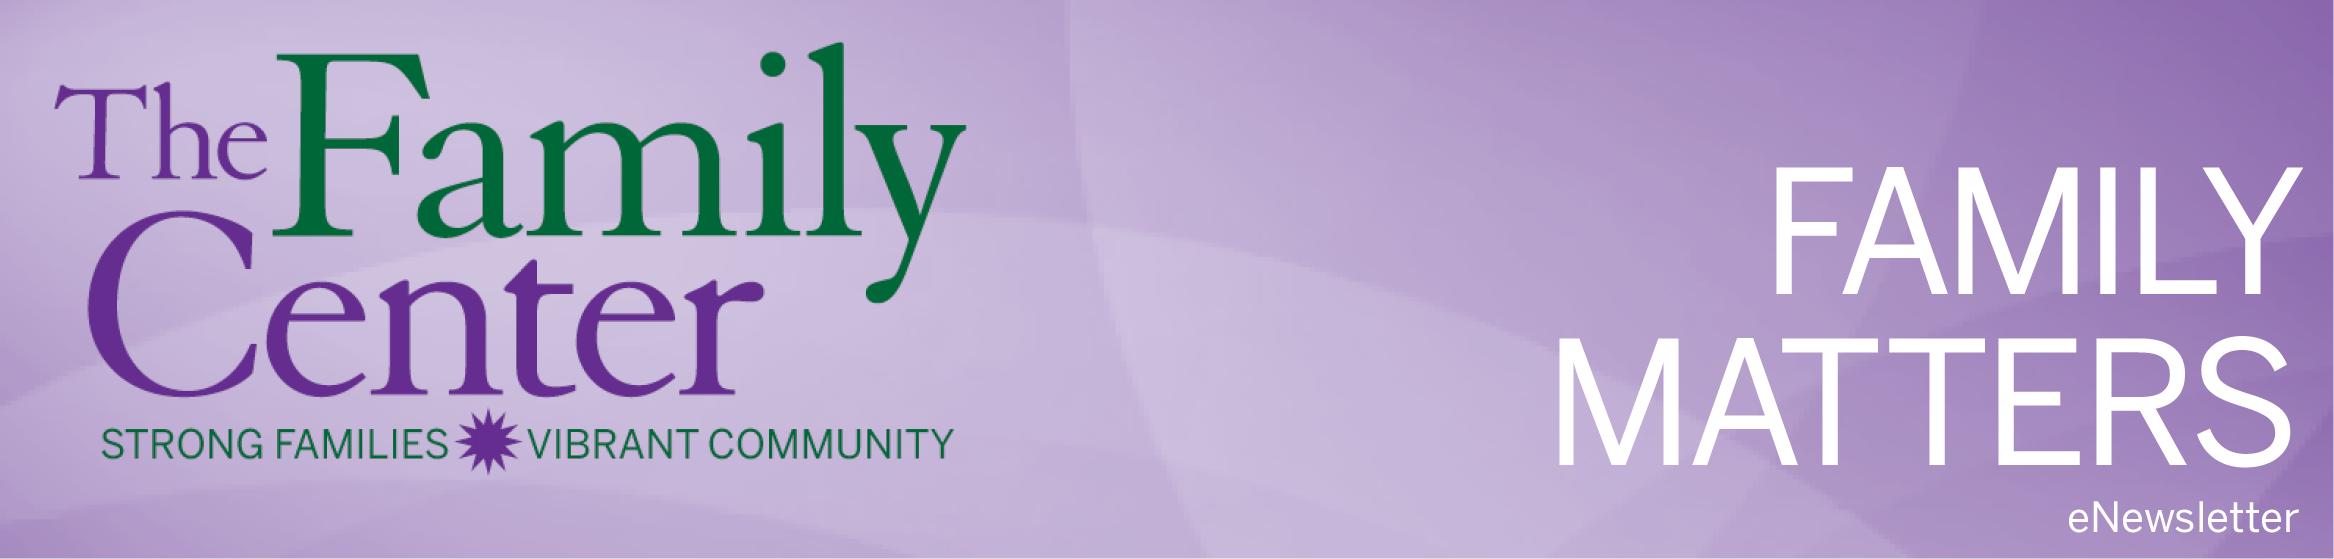 The Family Center eNewsletter